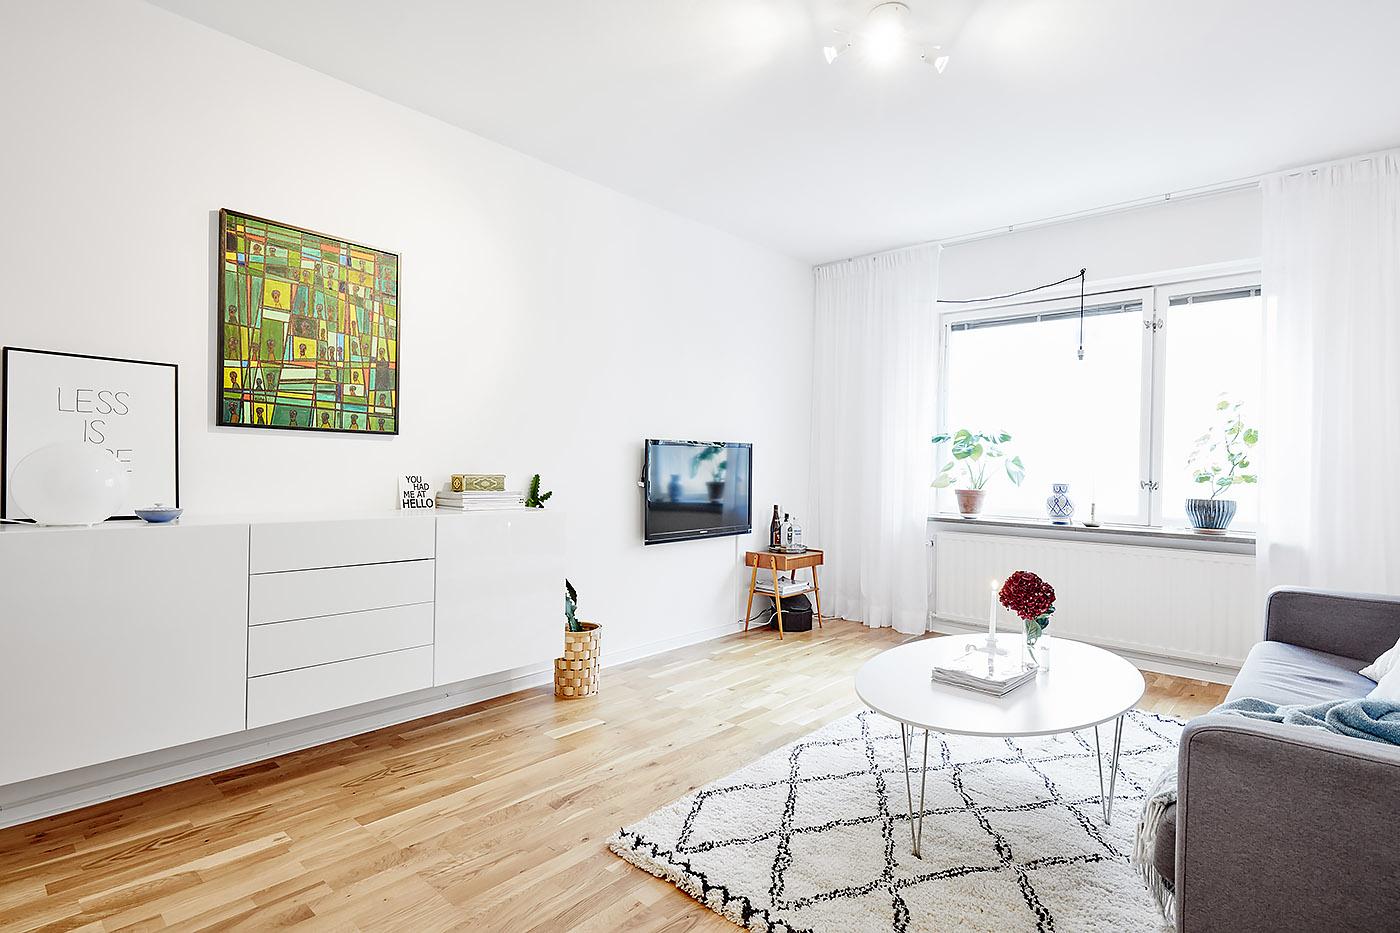 Habitaciones juveniles de estilo n rdico blog tienda for Habitacion estilo escandinavo